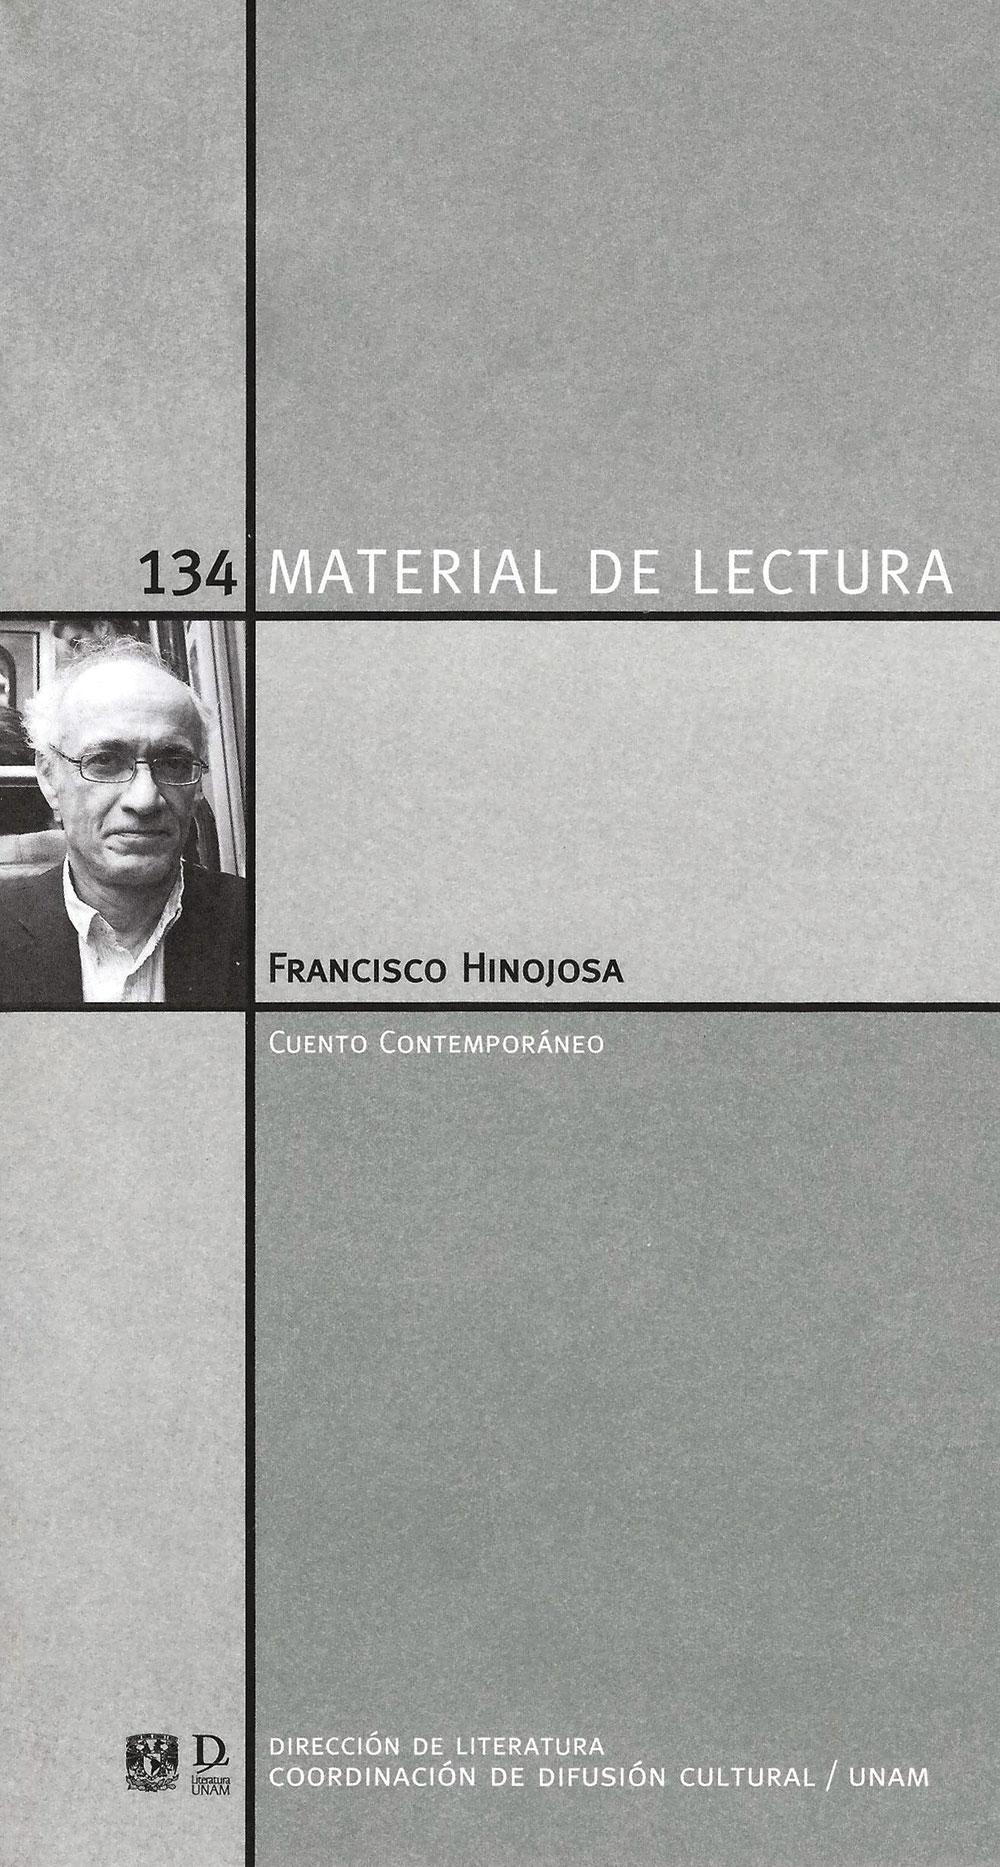 Francisco Hinojosa Cuento contemporáneo